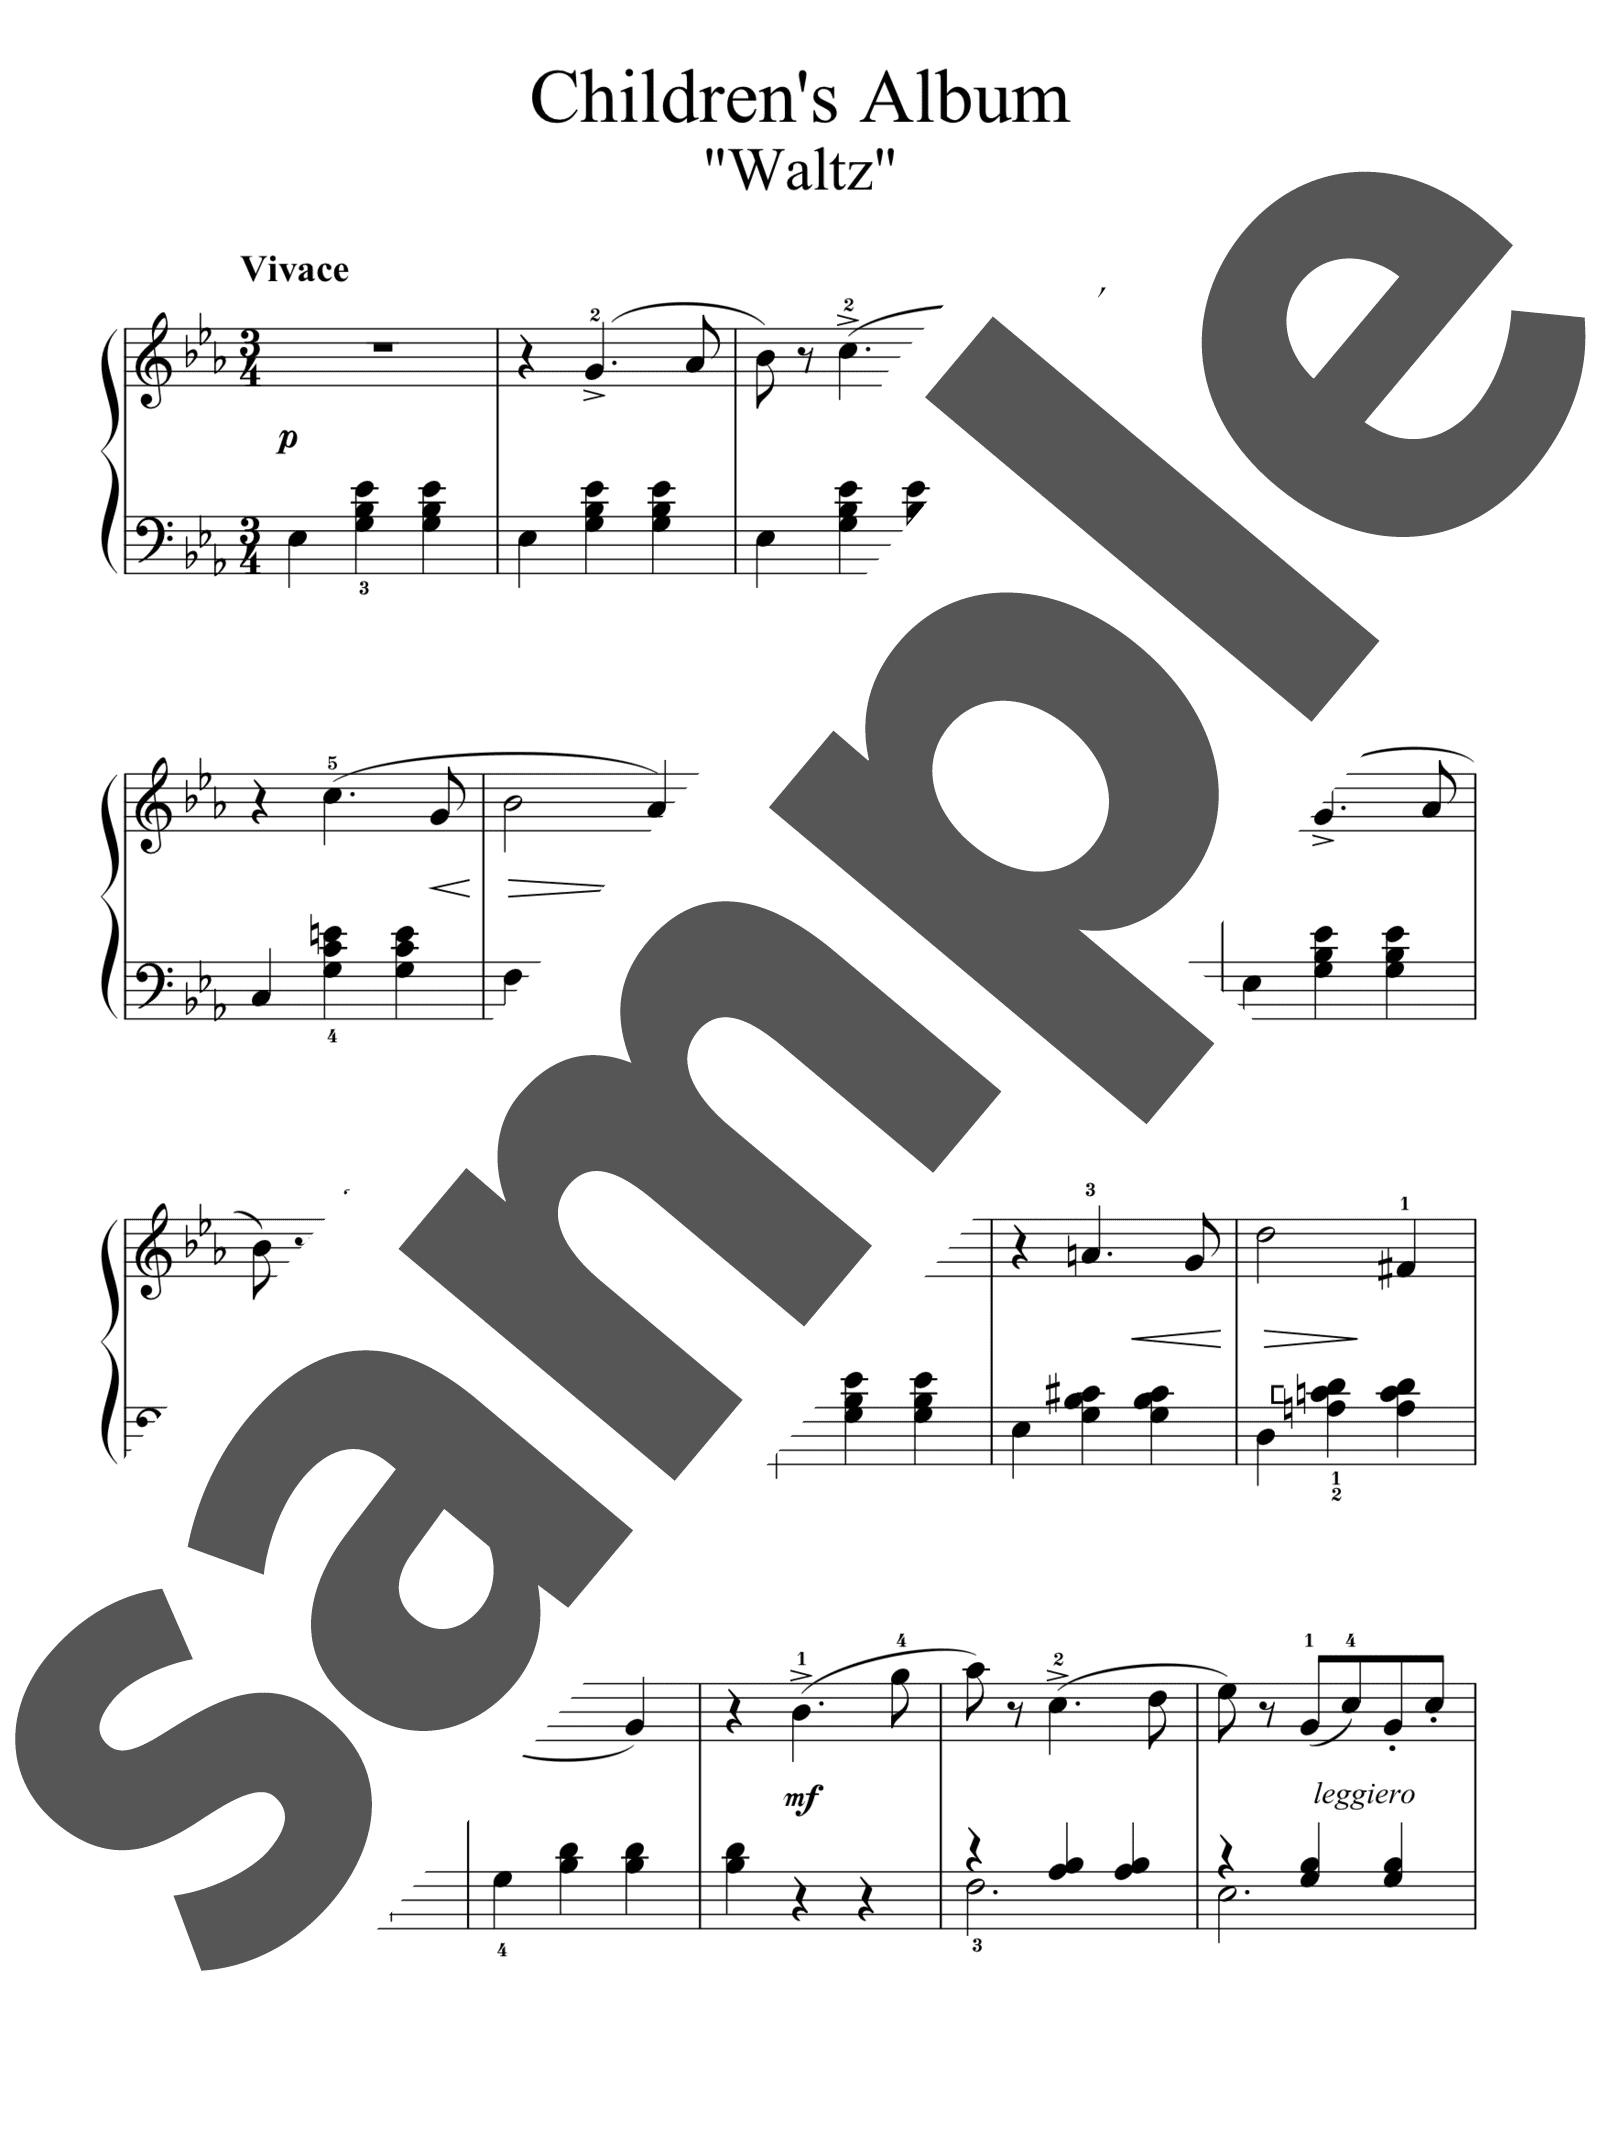 「子供のアルバムより「ワルツ 変ホ長調」」のサンプル楽譜